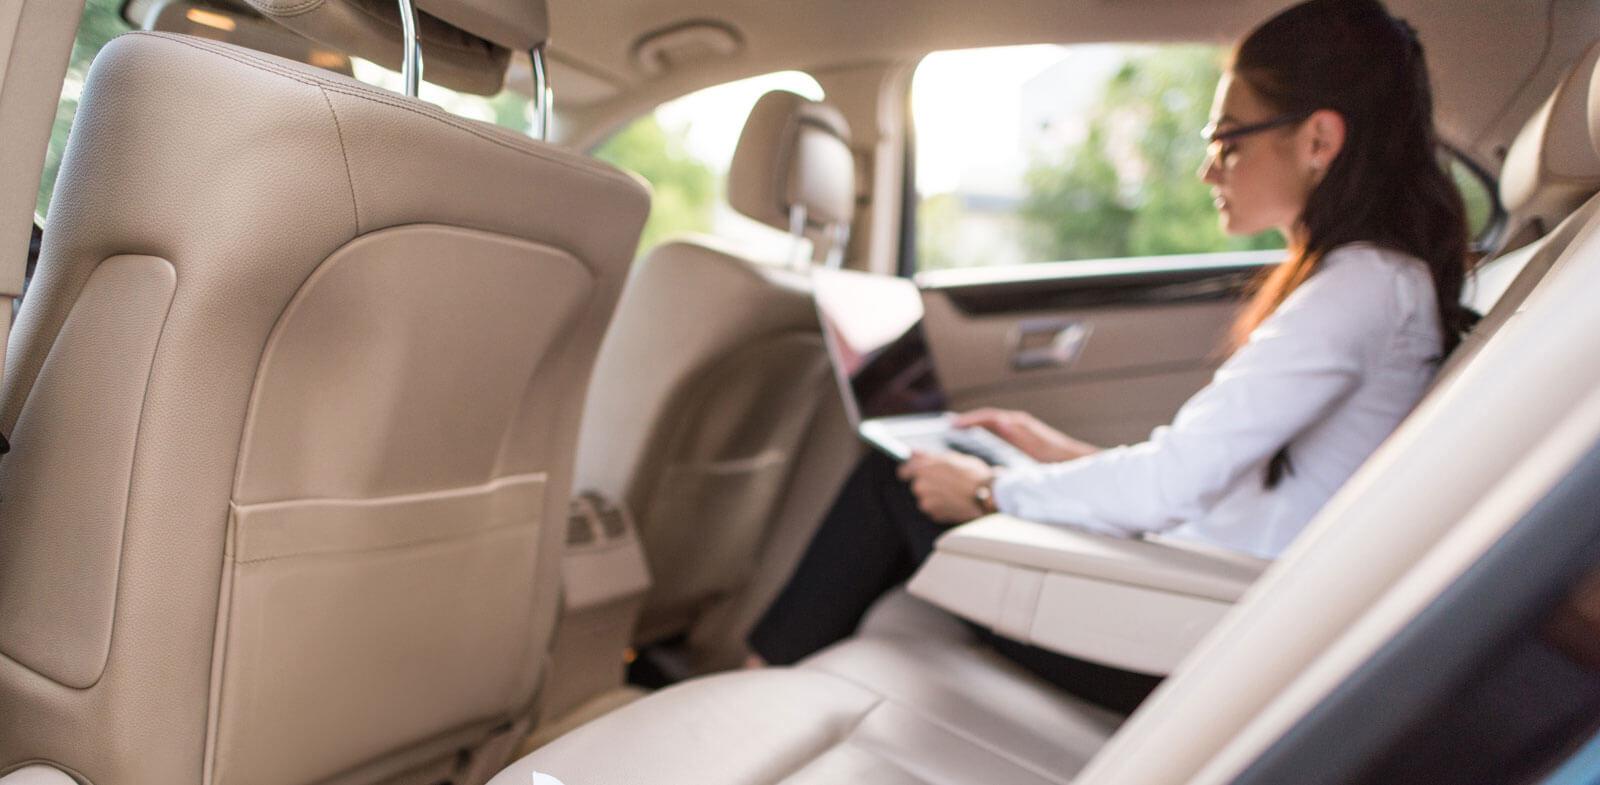 International-limousine-service-trasferimenti-aziendali-venezia